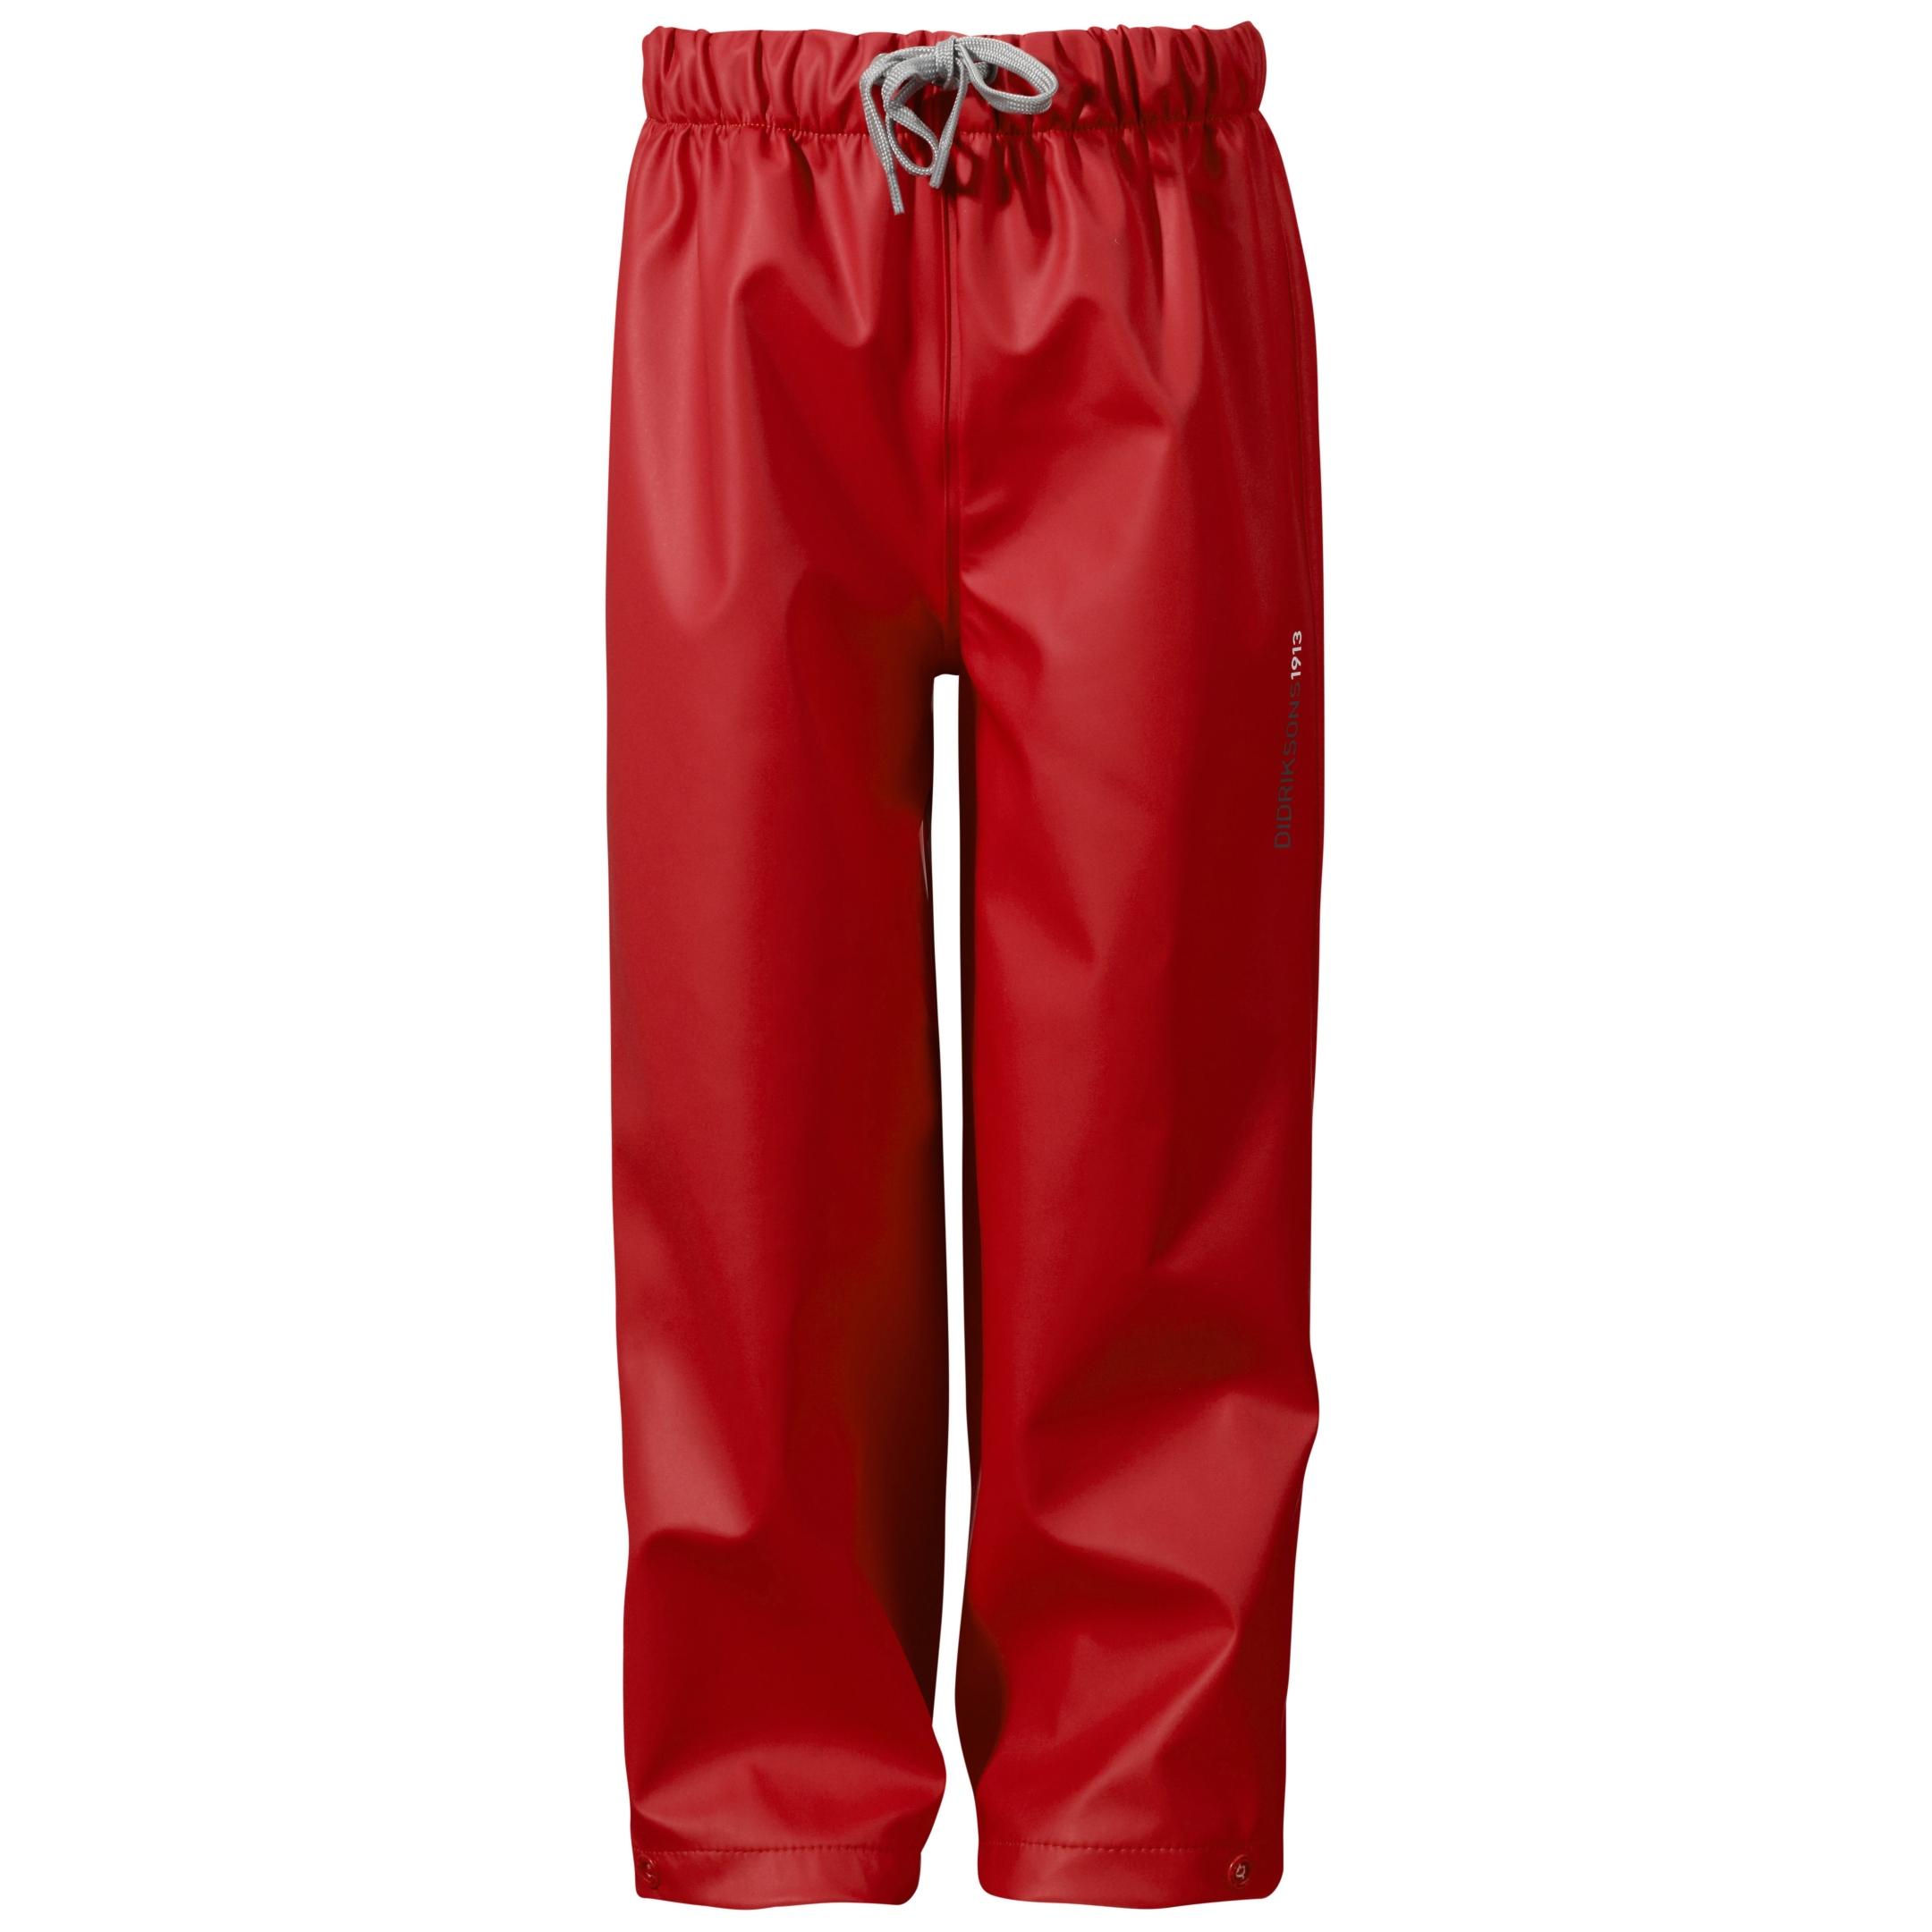 Дидриксон брюки детские дождевые MIDJEMAN, - фото 3